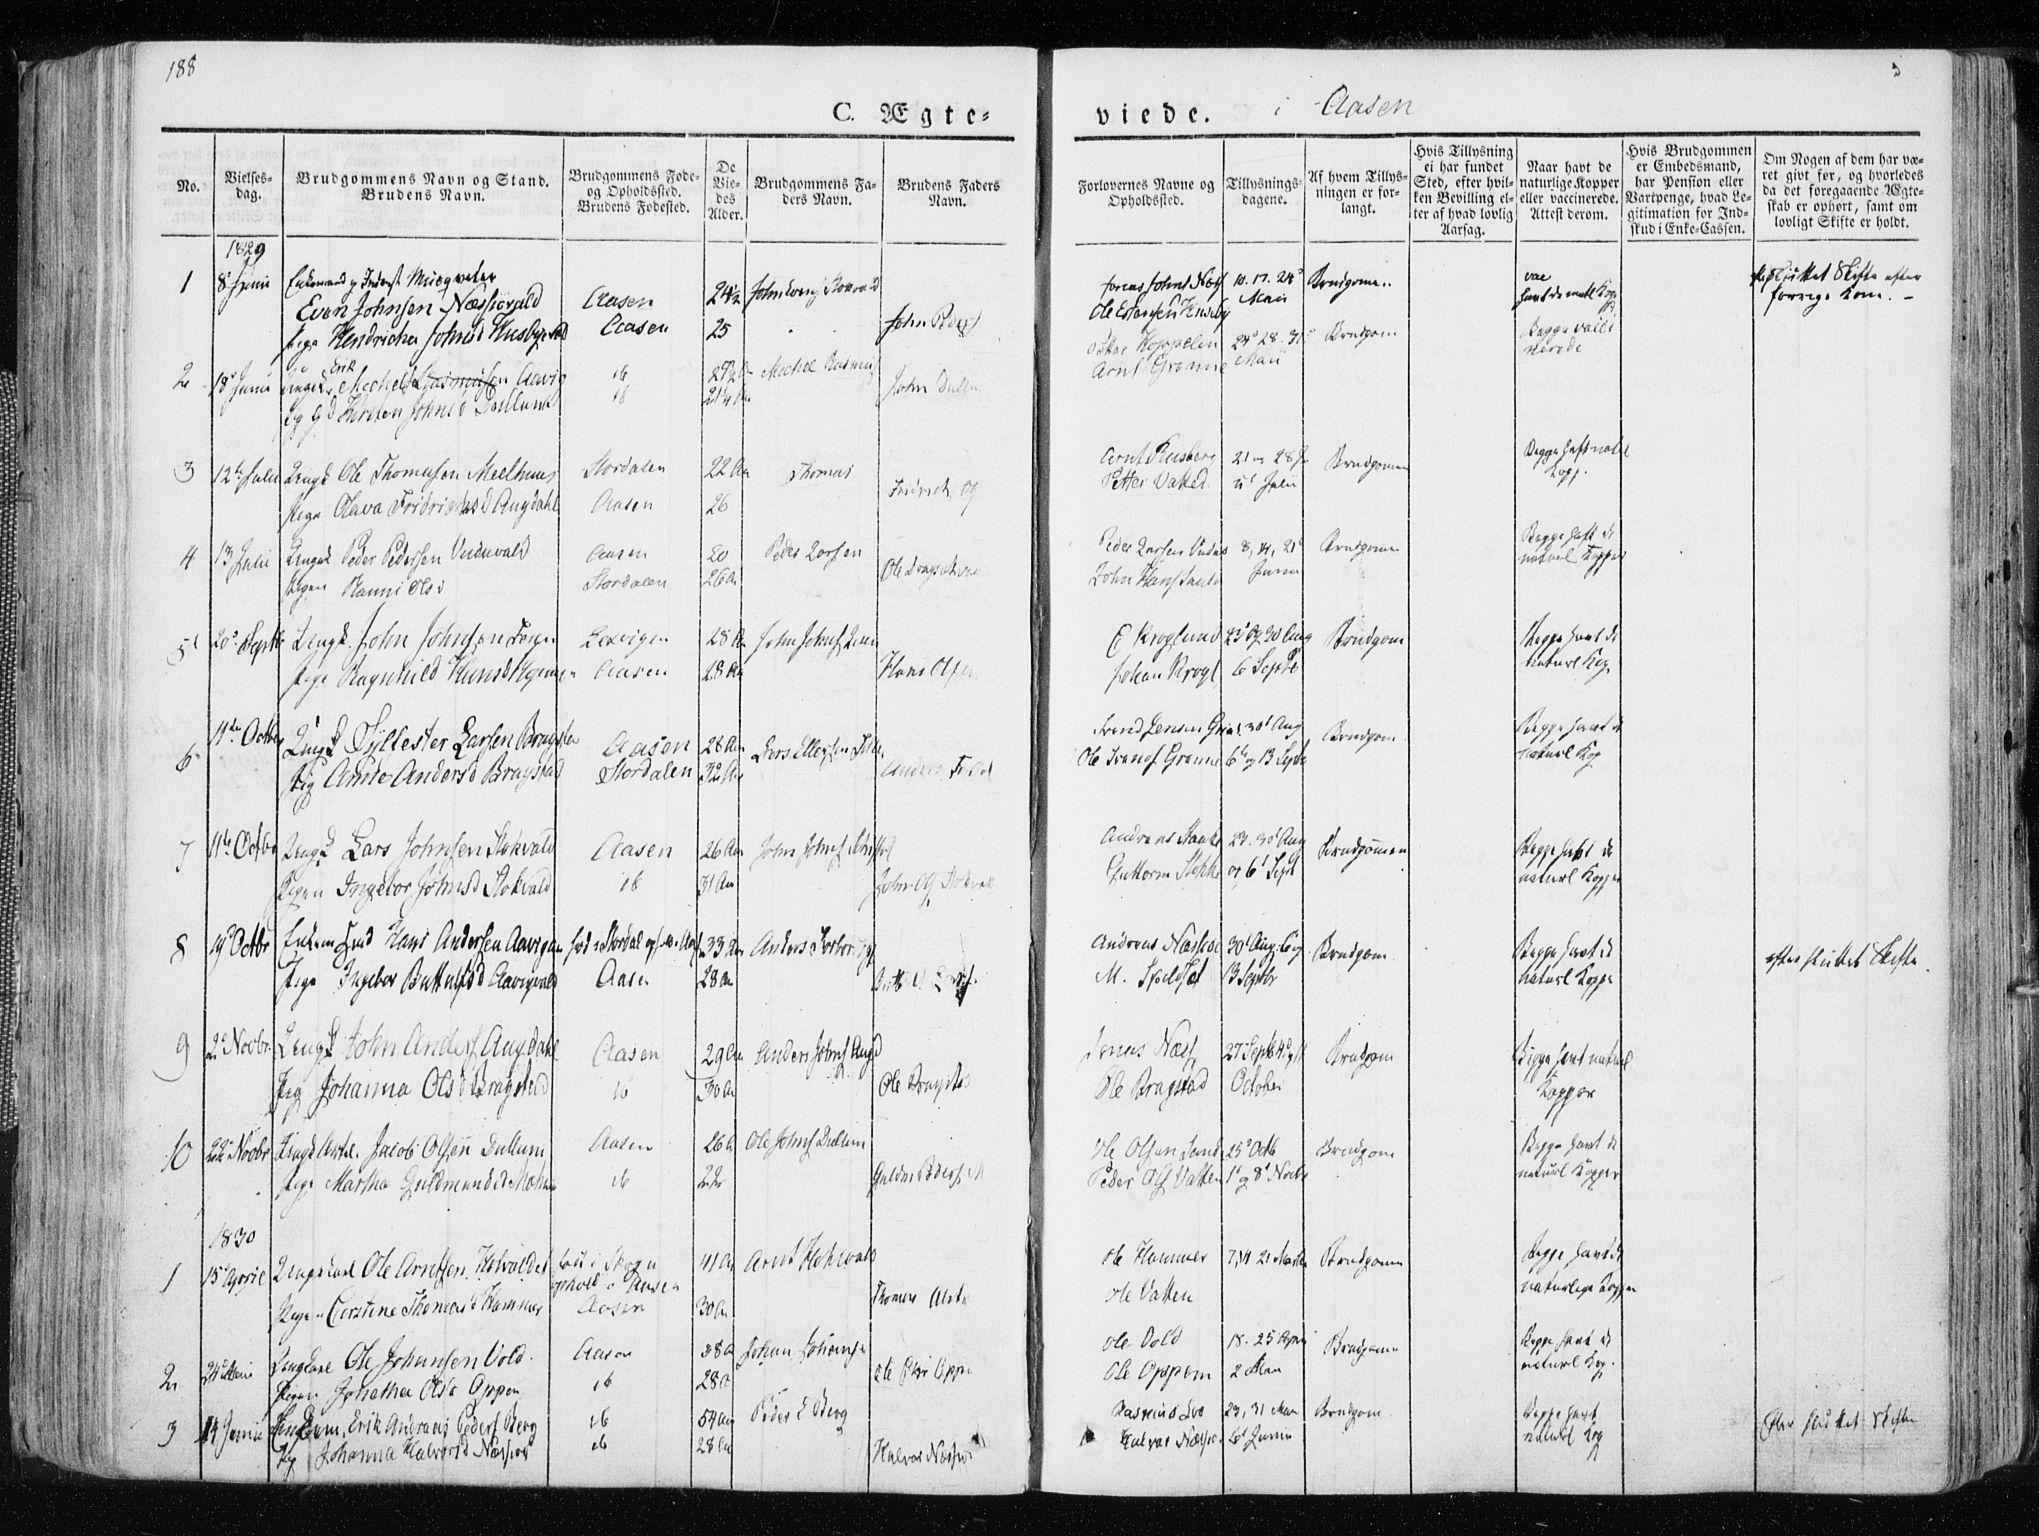 SAT, Ministerialprotokoller, klokkerbøker og fødselsregistre - Nord-Trøndelag, 713/L0114: Ministerialbok nr. 713A05, 1827-1839, s. 188